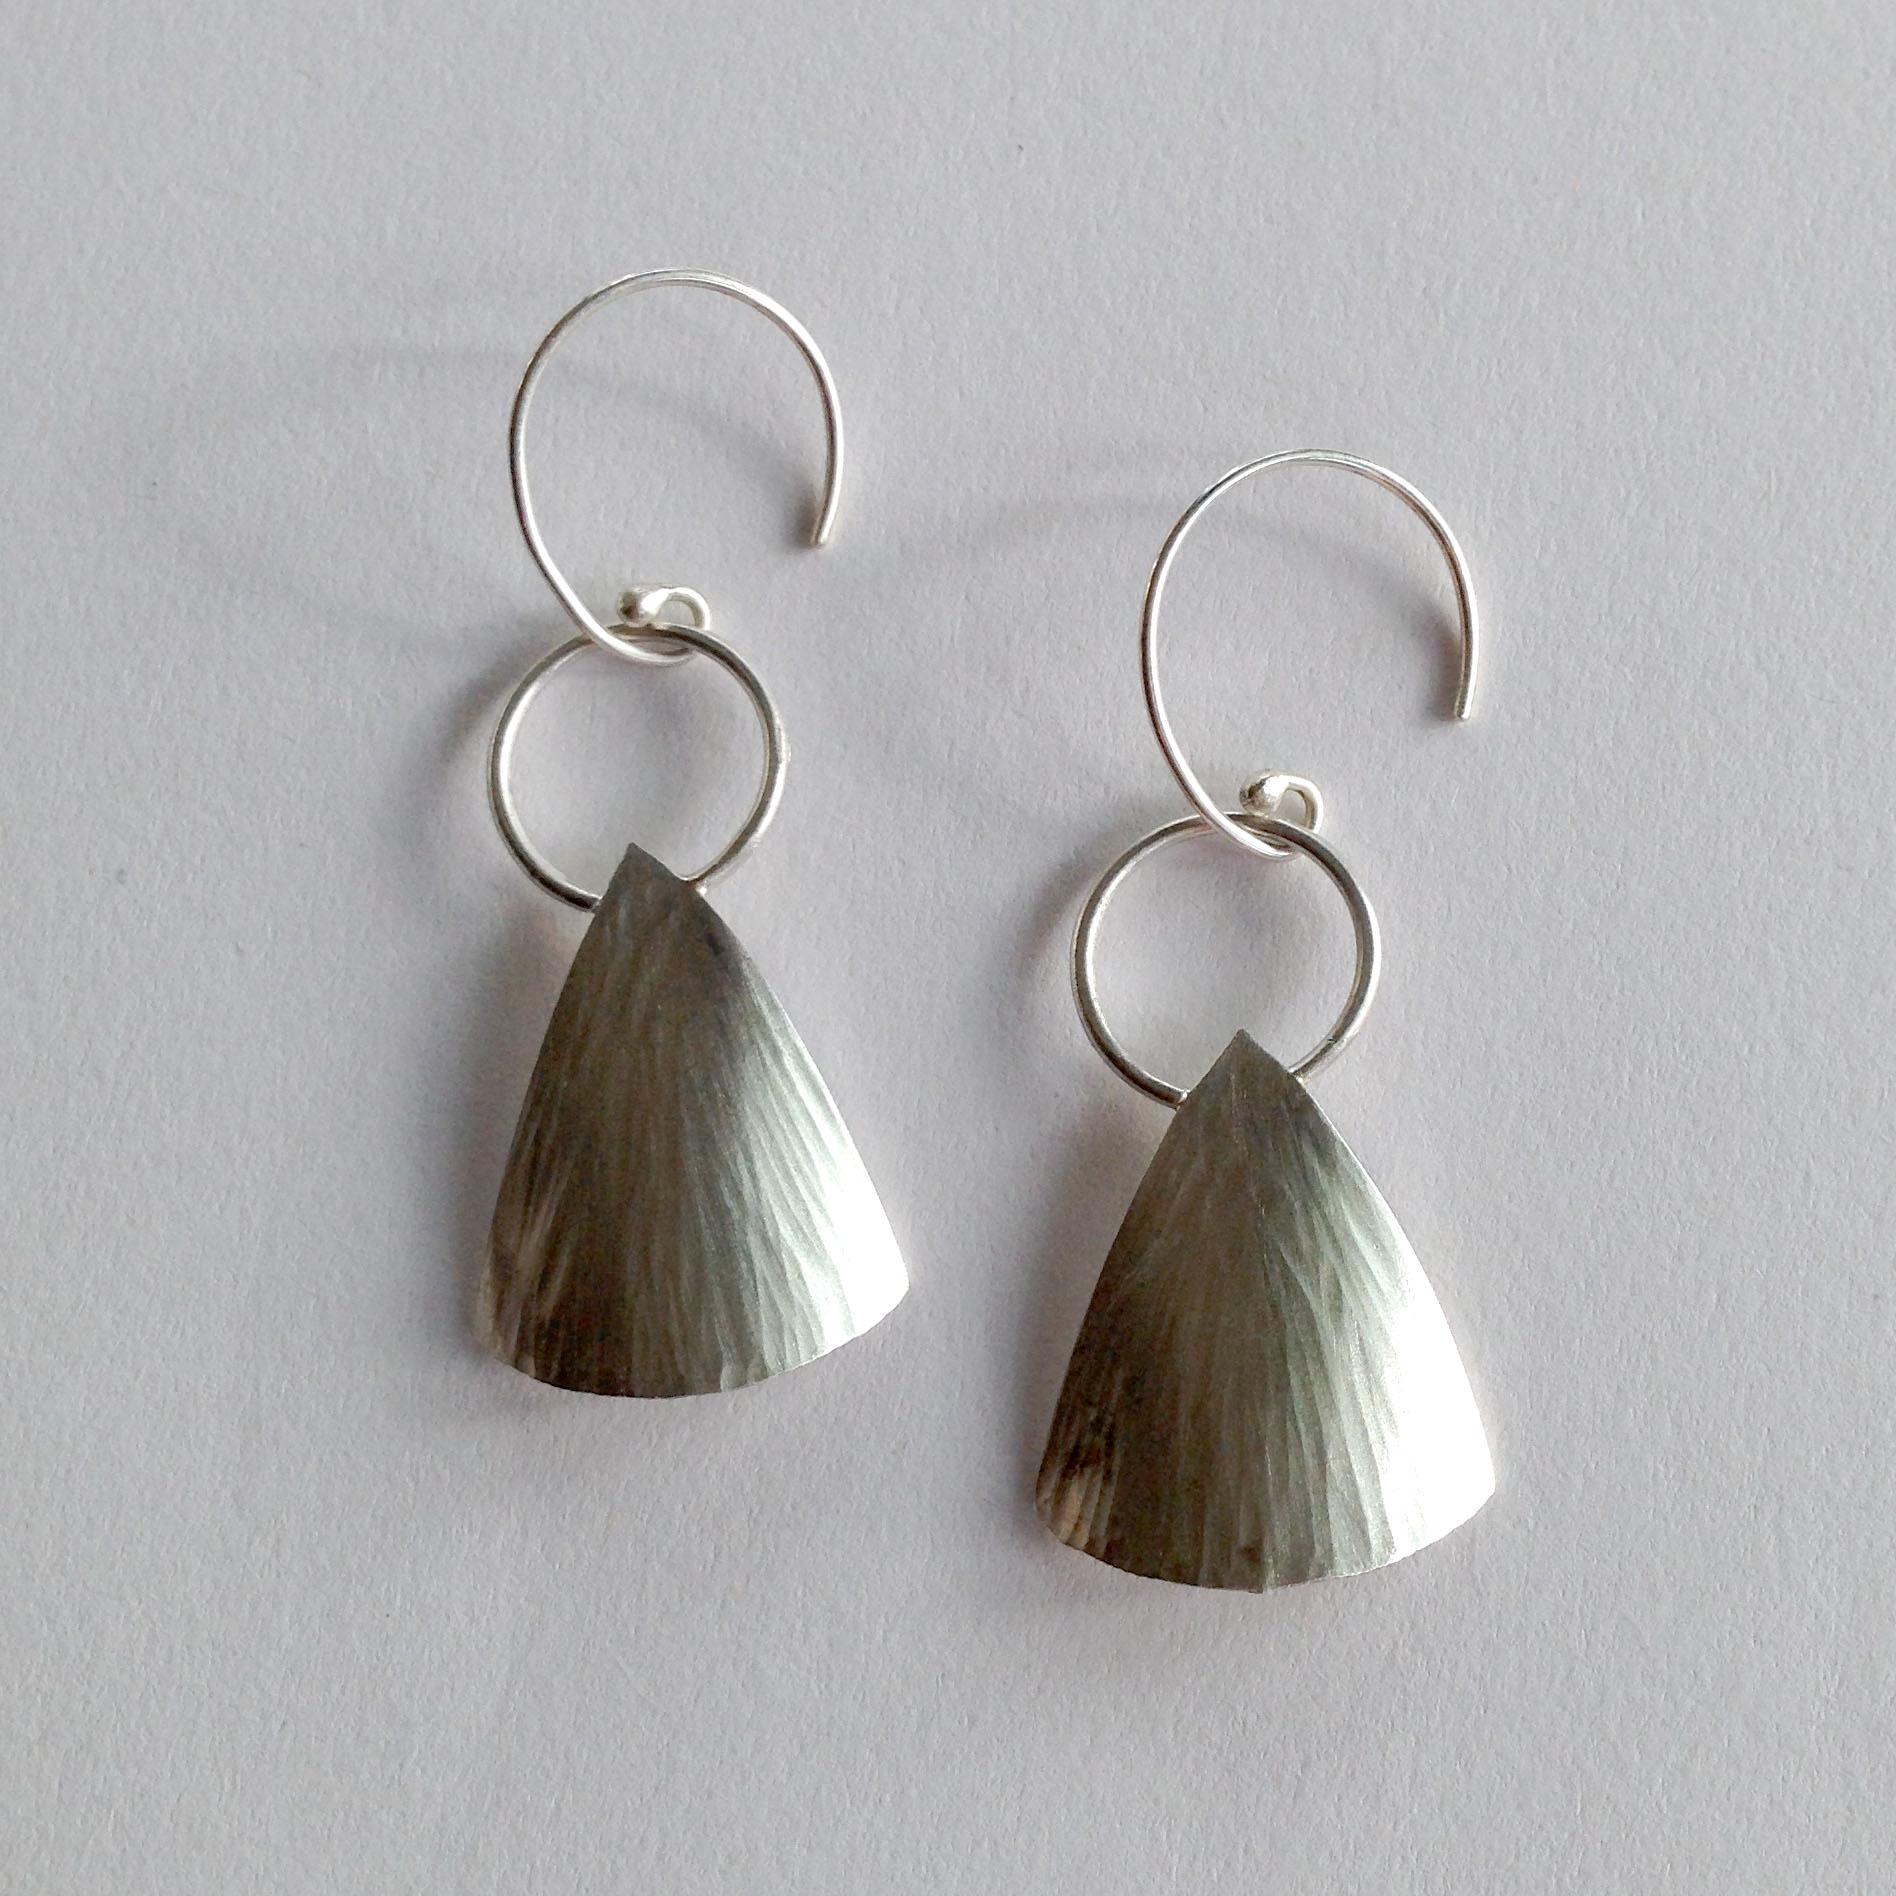 piramid-earrings